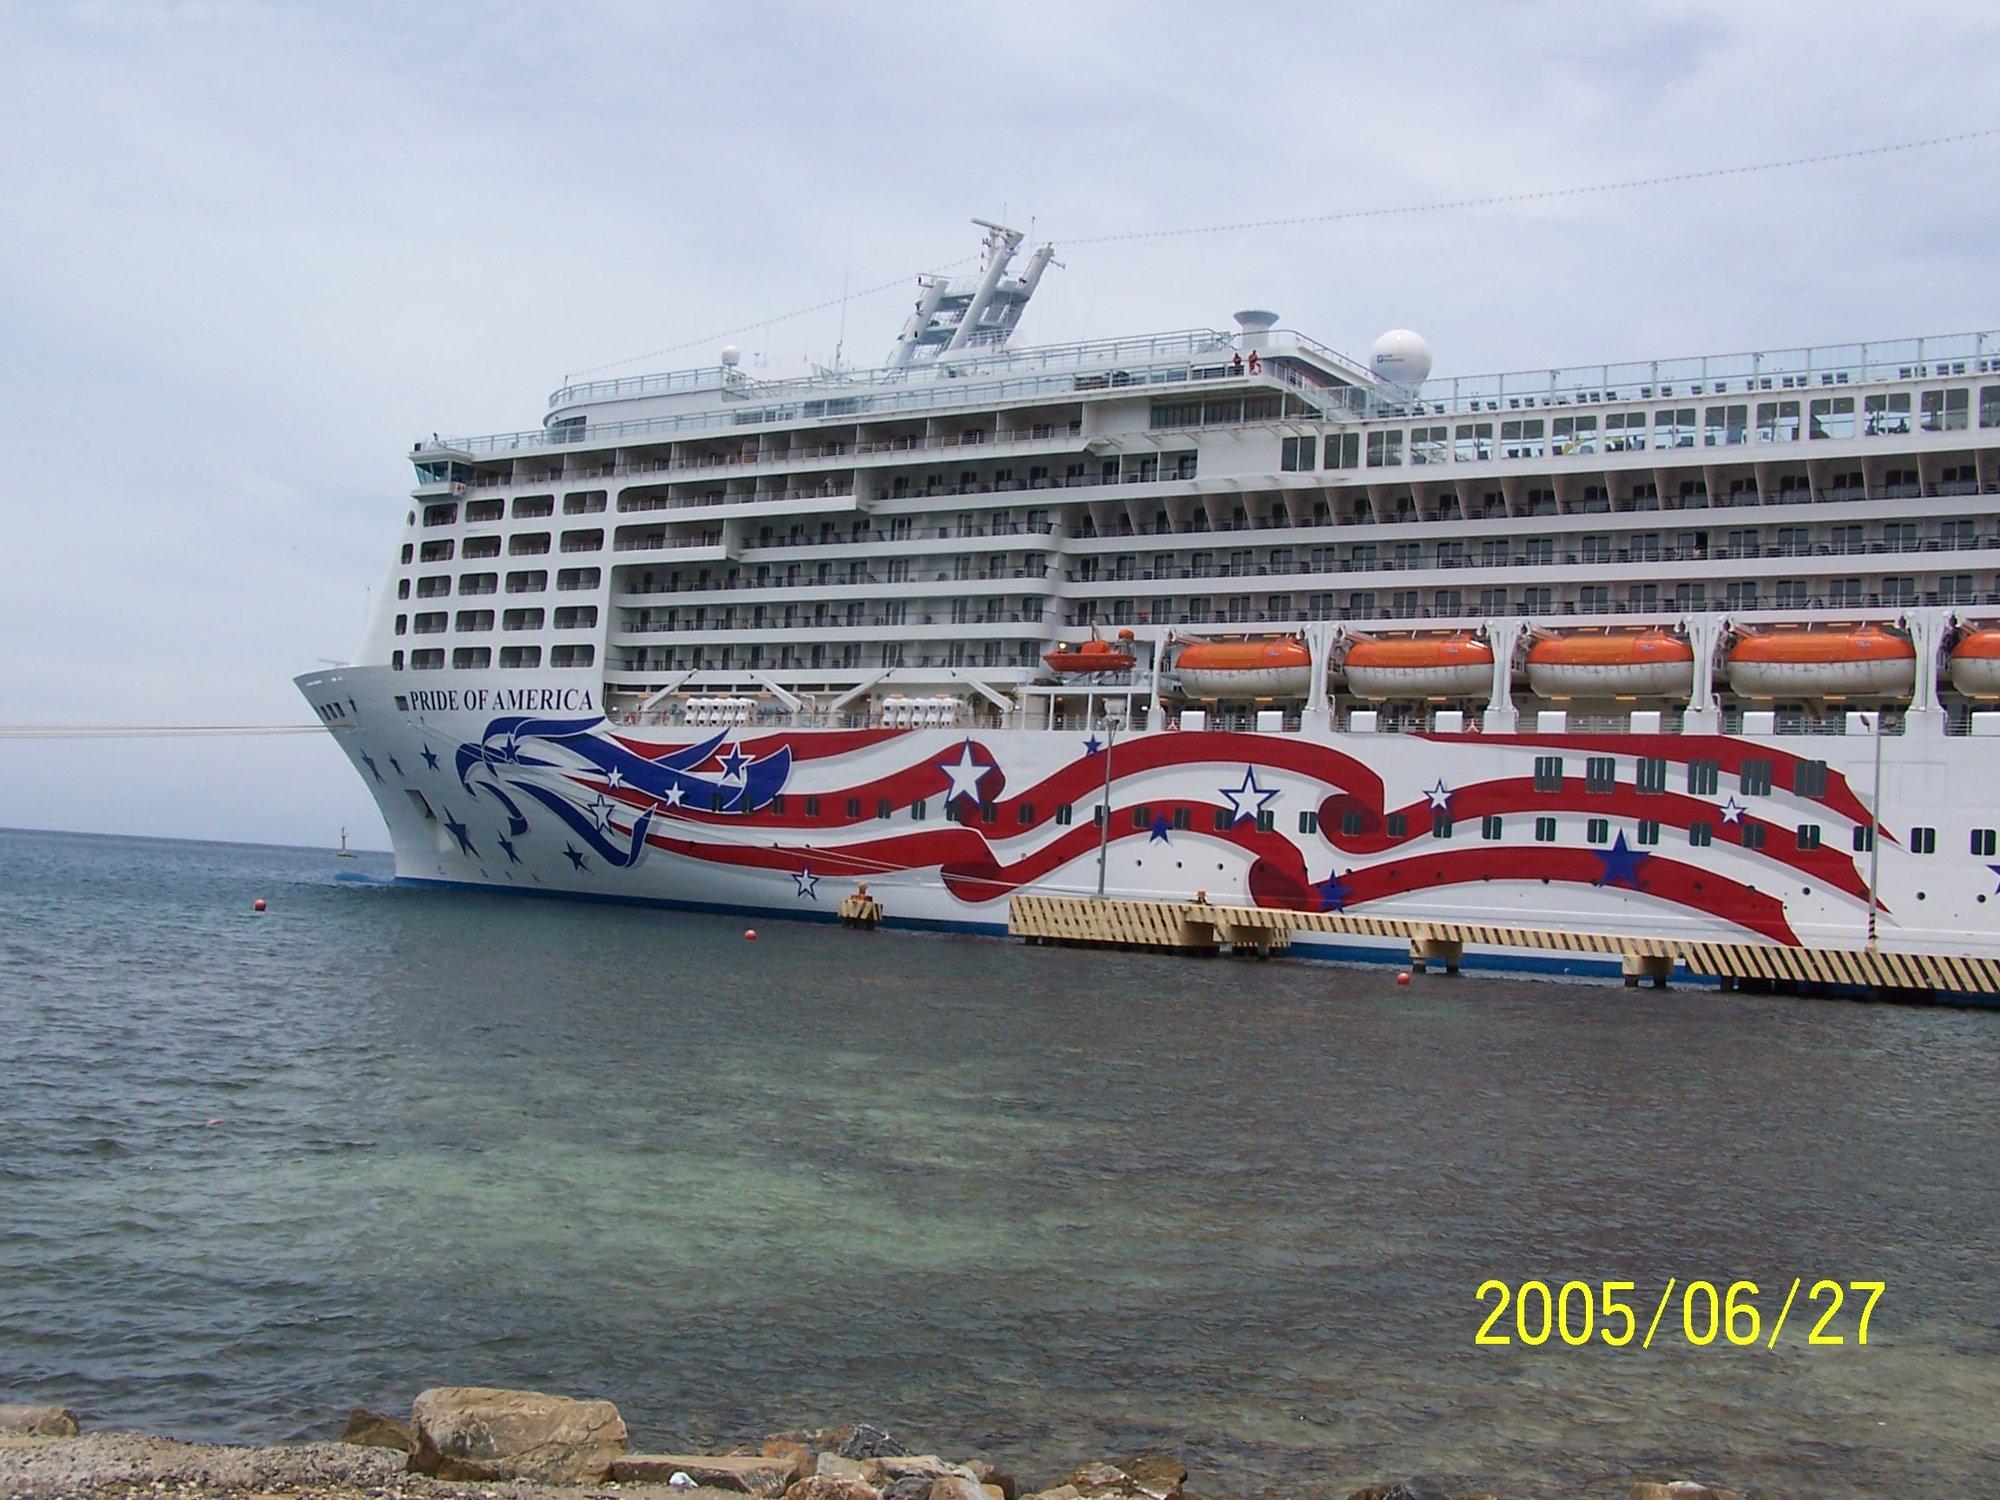 pride of america at roatan